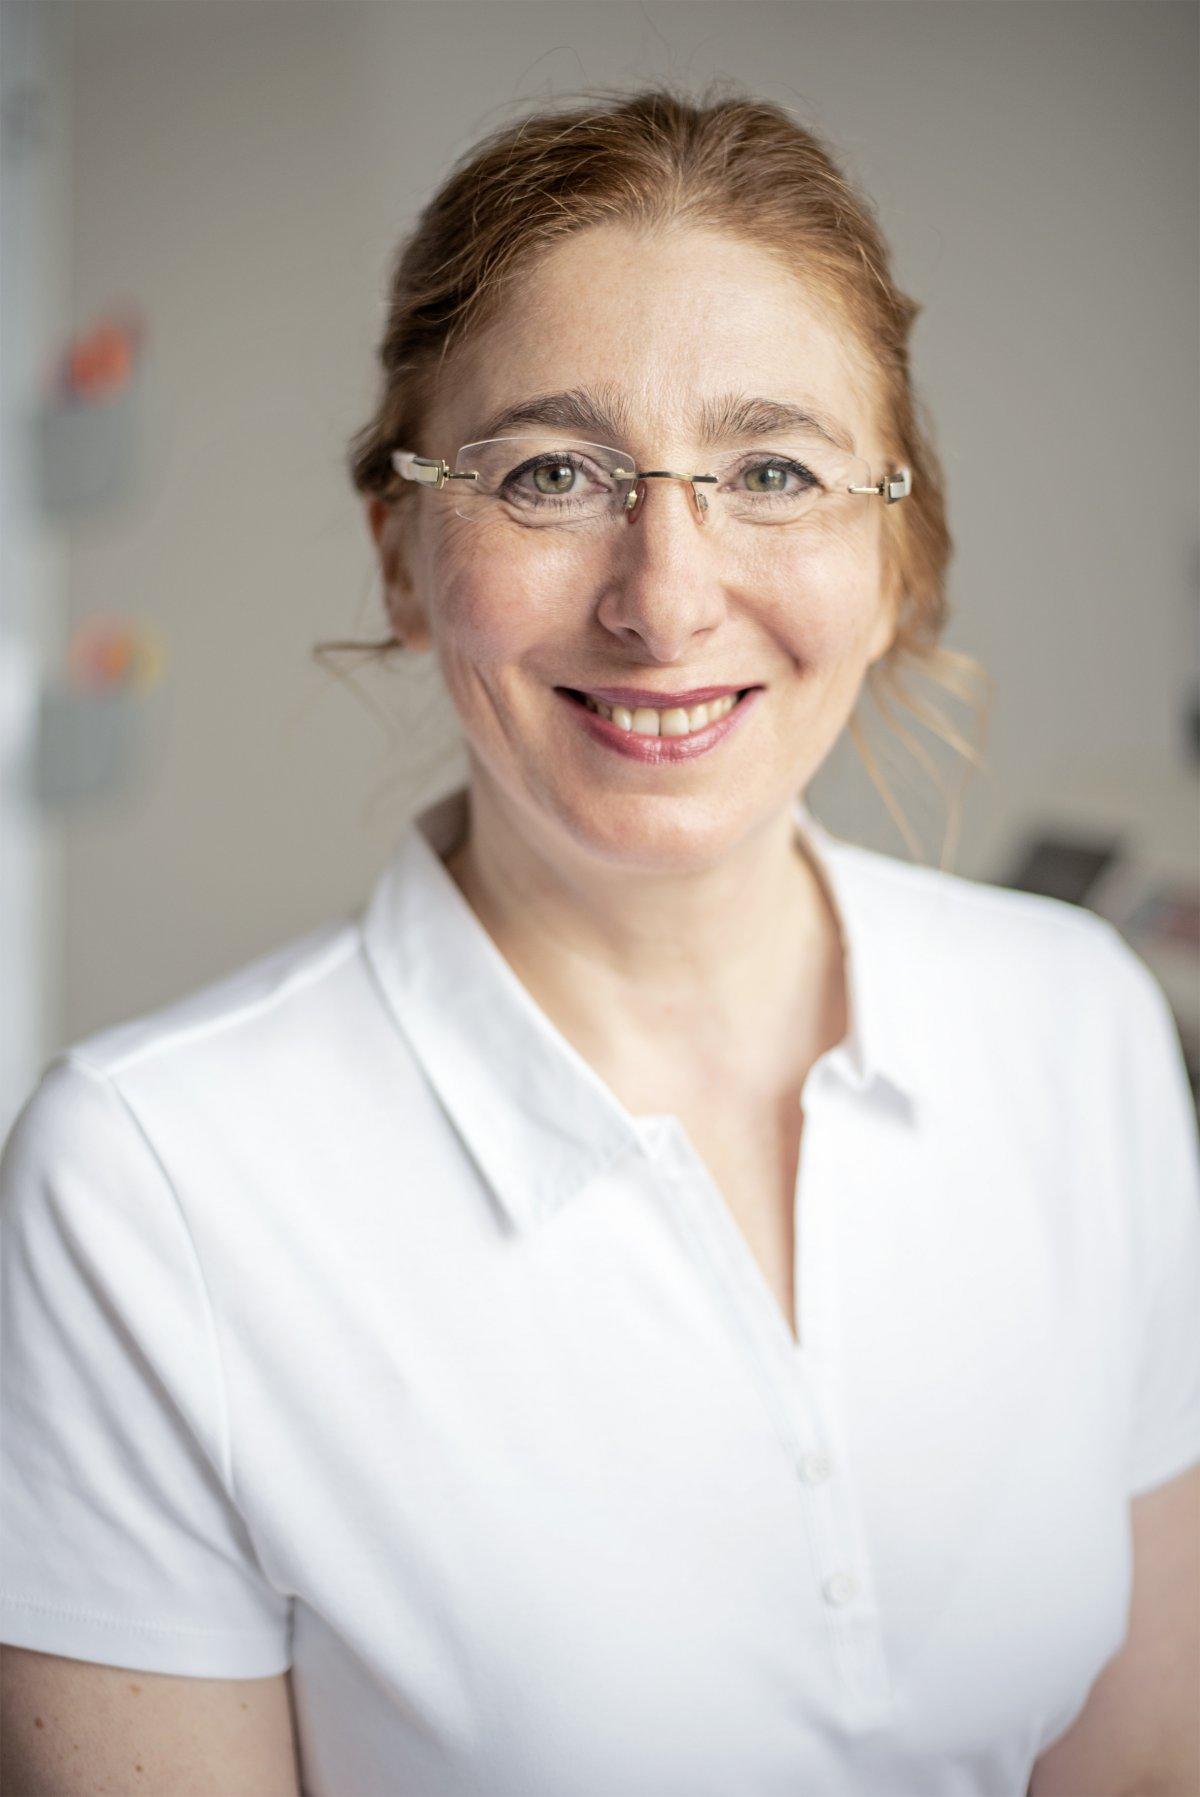 Auf dem Foto lacht Aleksandra Traub in die Kamera. Sie trägt ihre braunen Haare als Zopf und trägt eine randlose Brille. Weiterhin trägt sie ein weißes Polo T-Shirt.